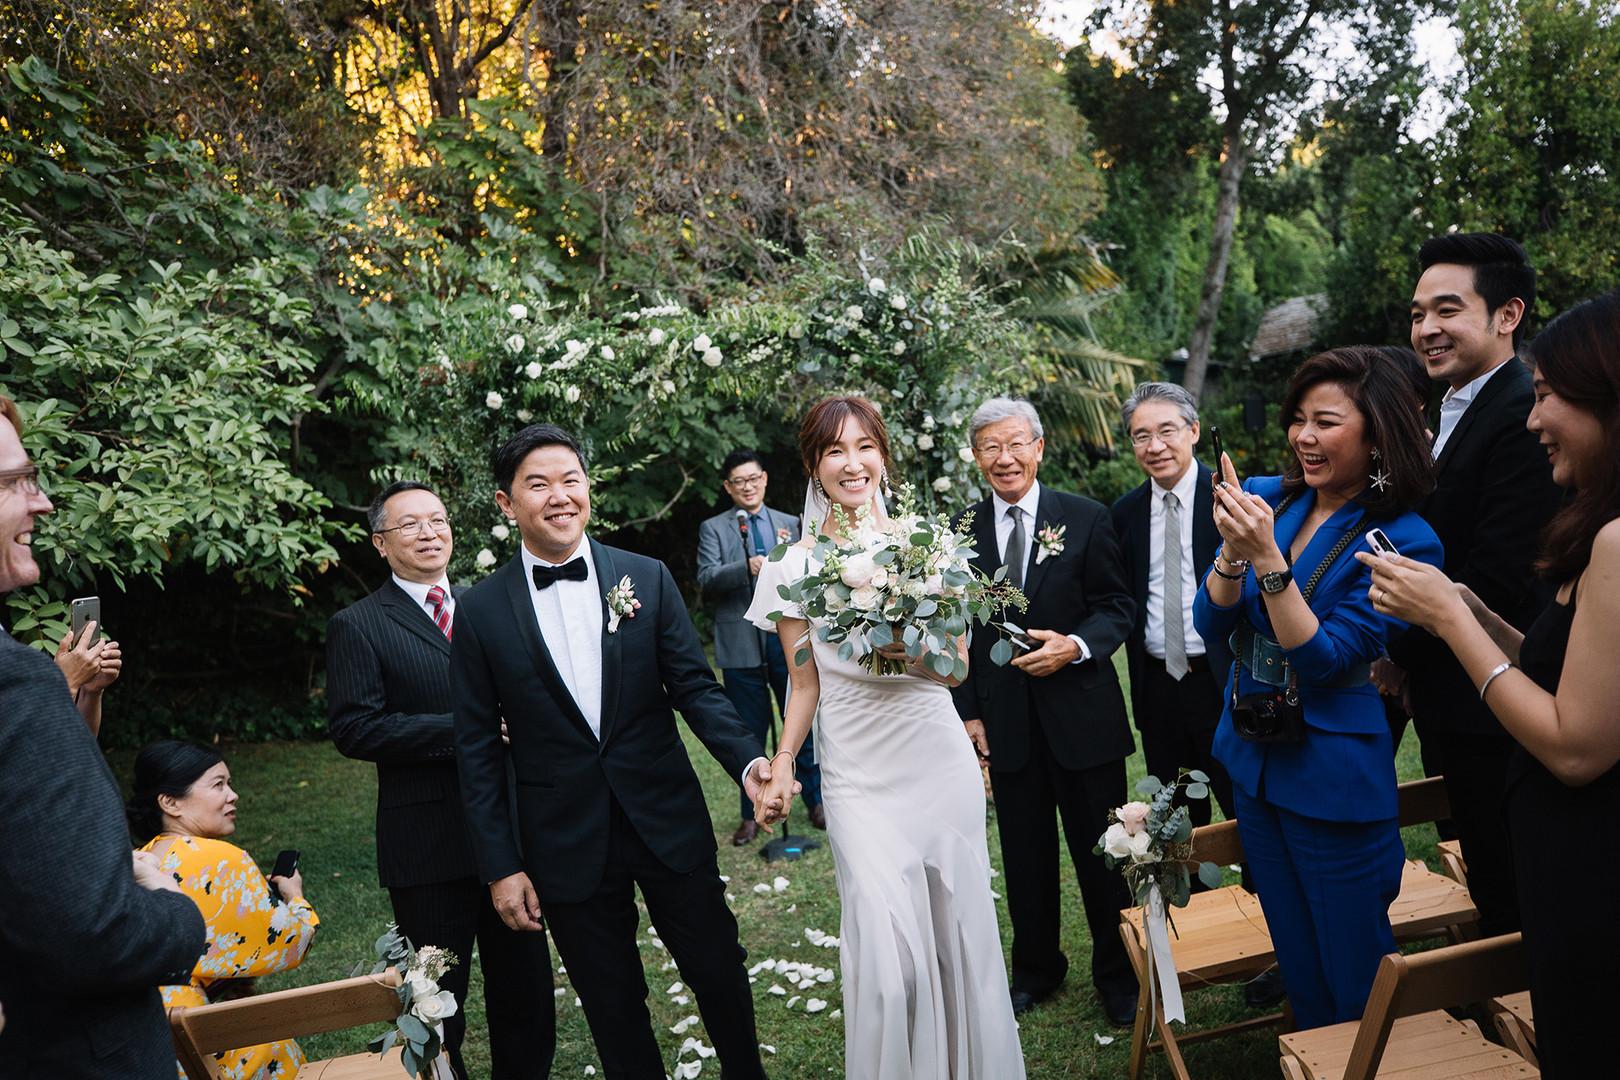 Backyard后院婚礼64.jpg